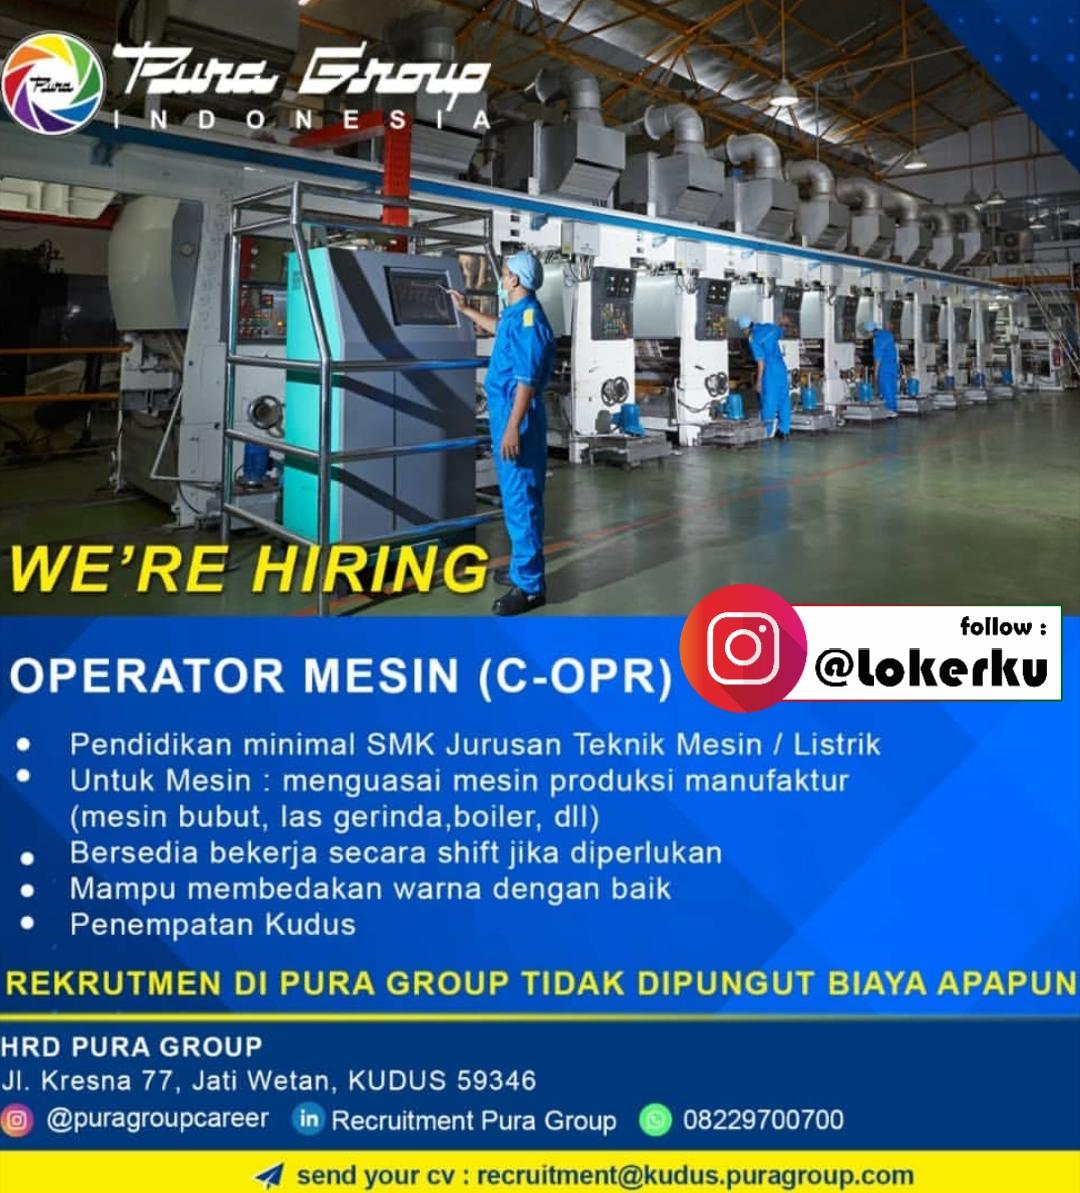 Lowongan Kudus Kerja Sebagai Operator Mesin di PURA Group Indonesia